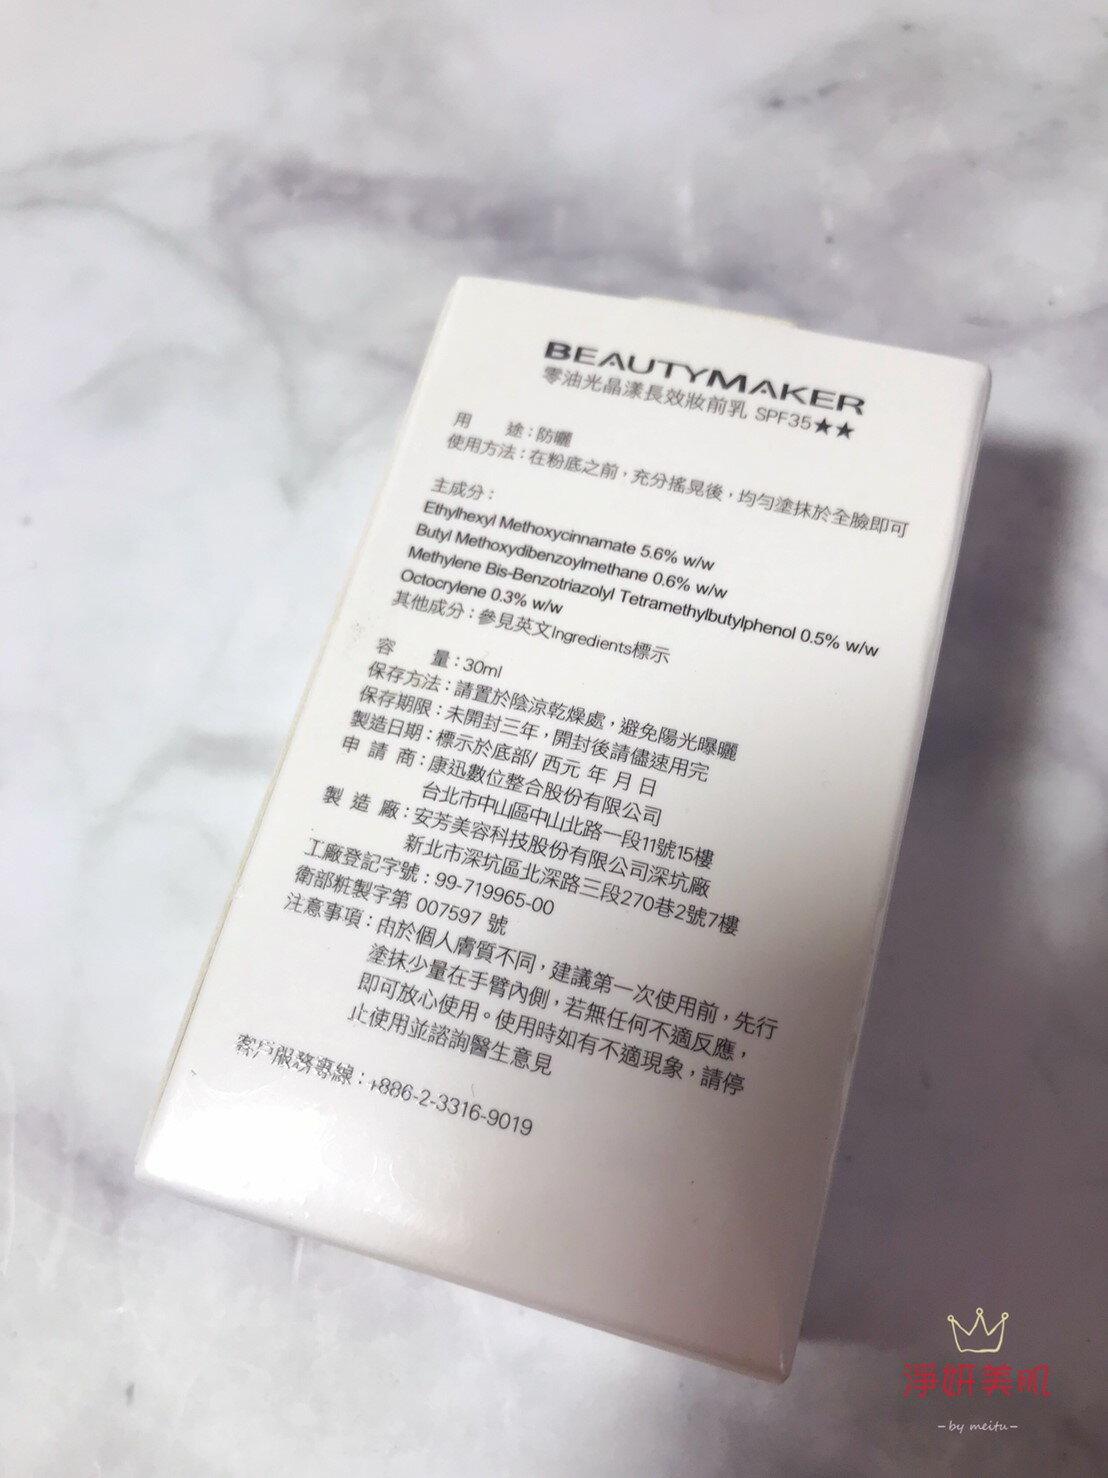 【BEAUTYMAKER】零油光晶漾長效妝前乳(SPF35★ ★ ) 30ml效期202009【淨妍美肌】